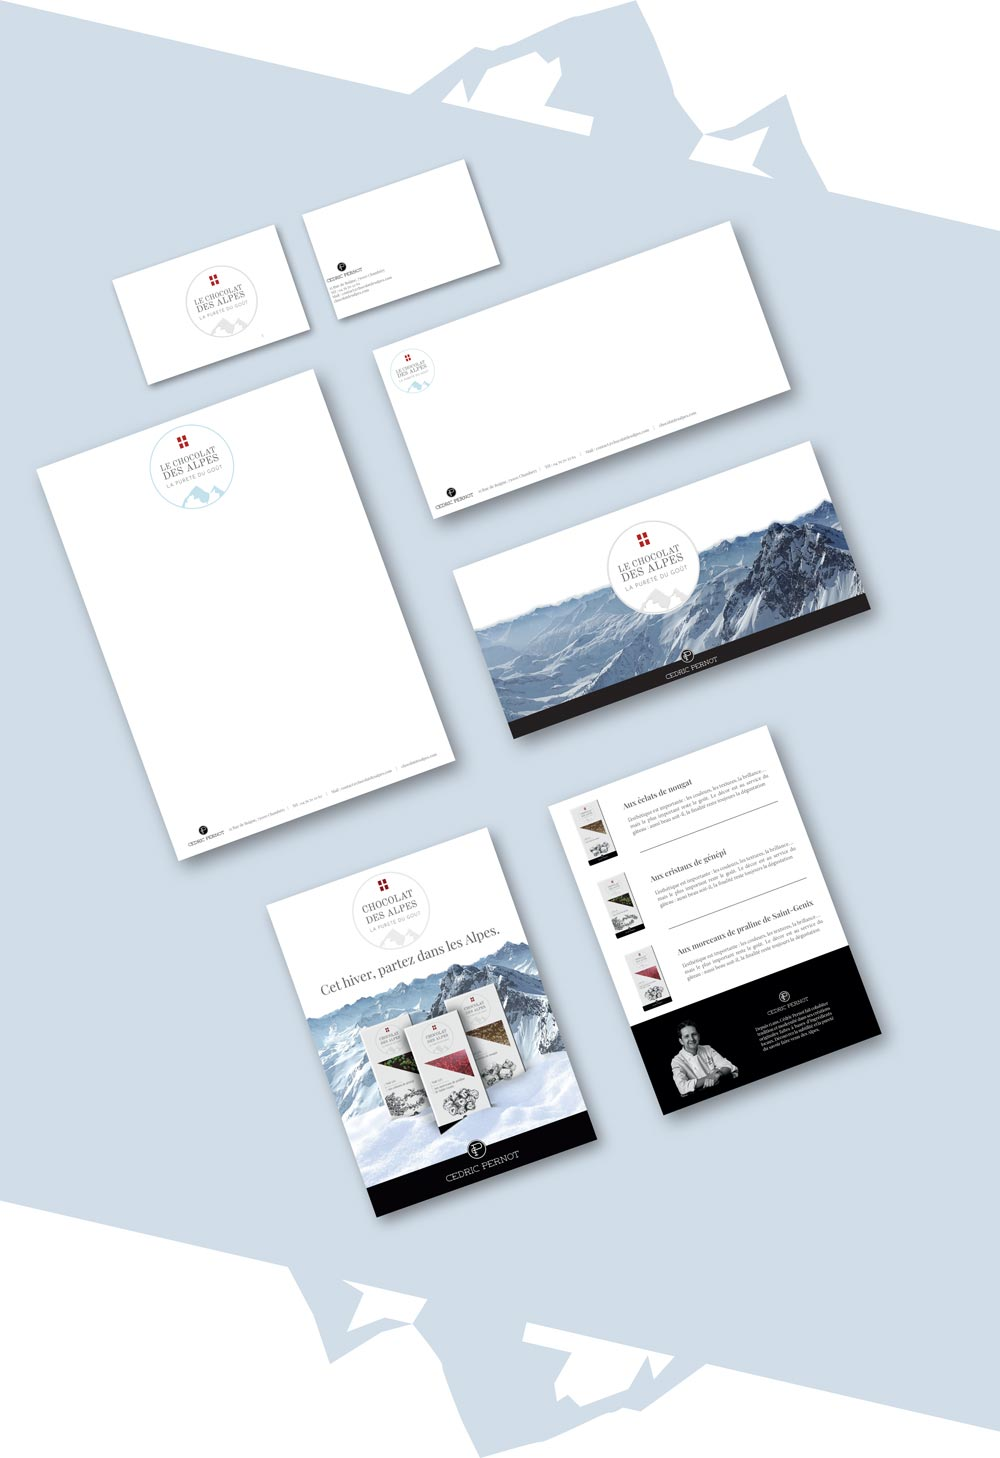 Pack de com projet Chocolat des Alpes dirigé artistiquement par Diane Gaillard